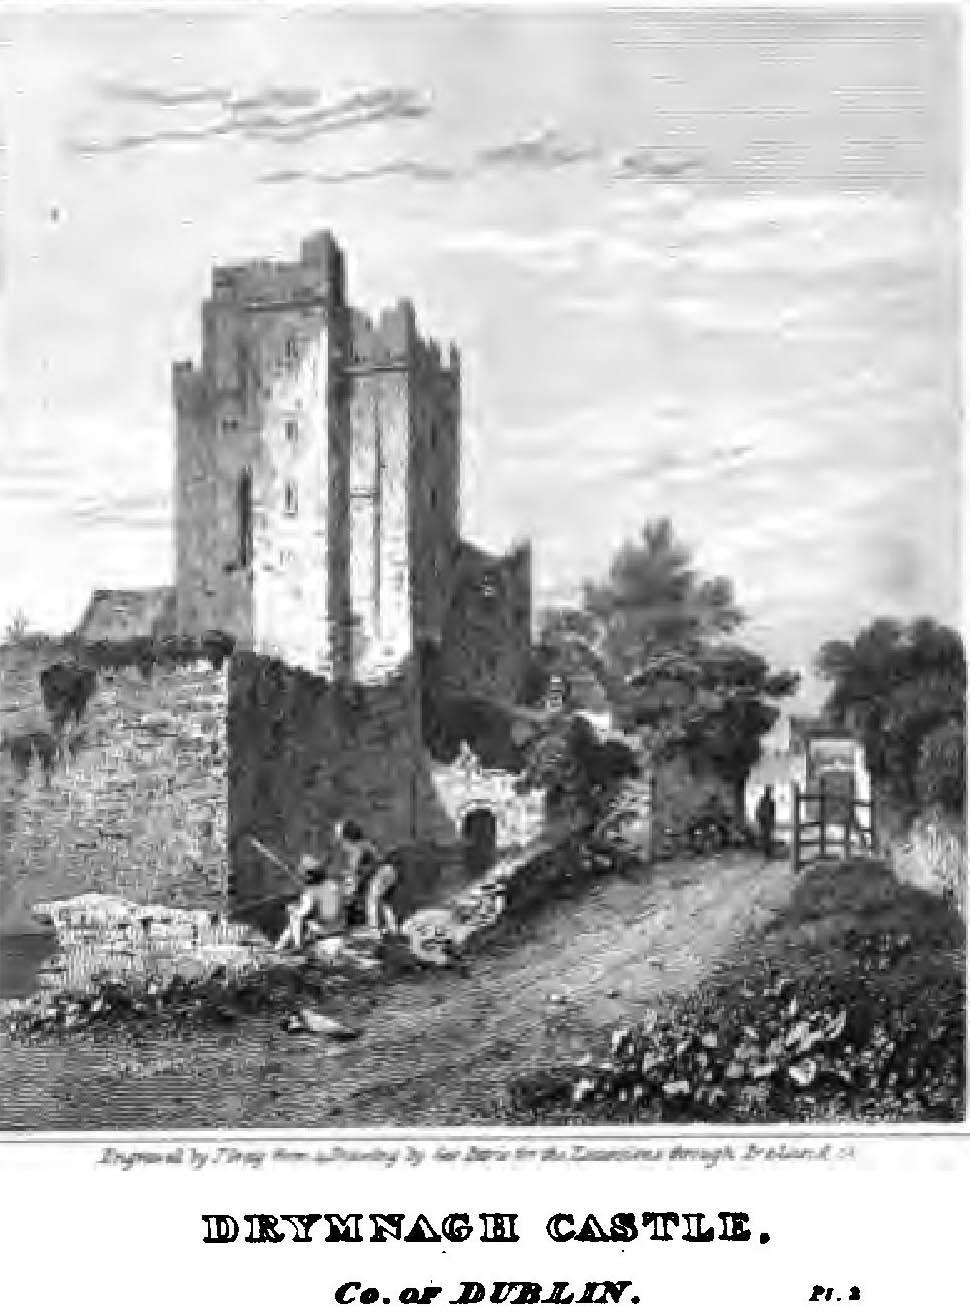 drimnagh castle wikipedia